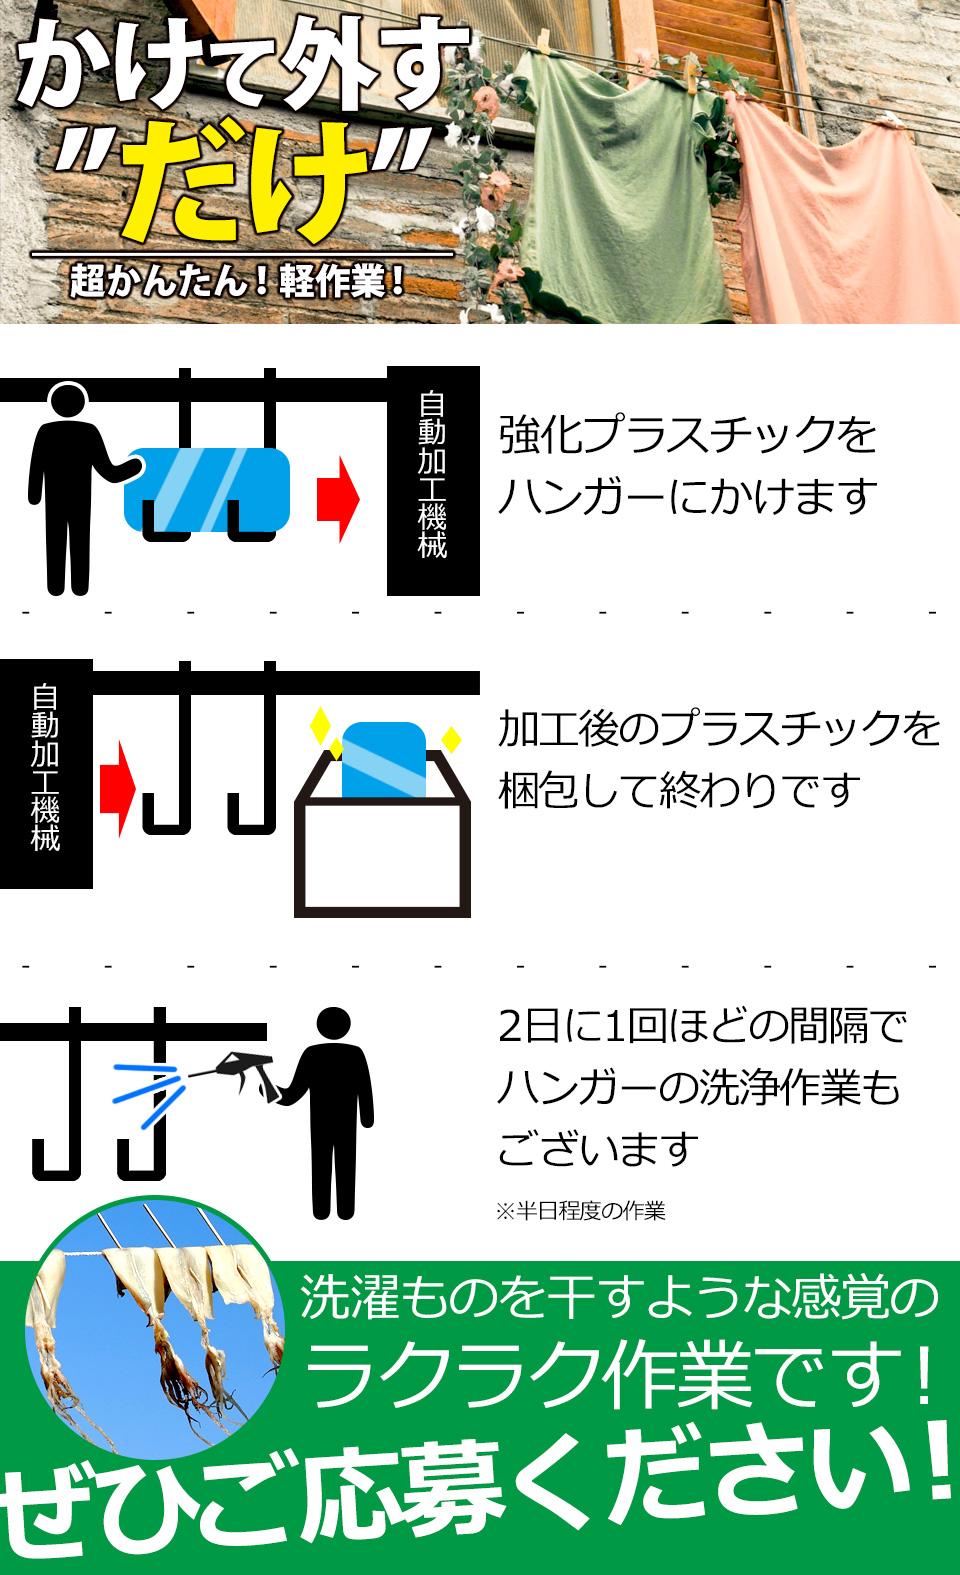 プラスチックの加工 愛知県新城市の派遣社員求人